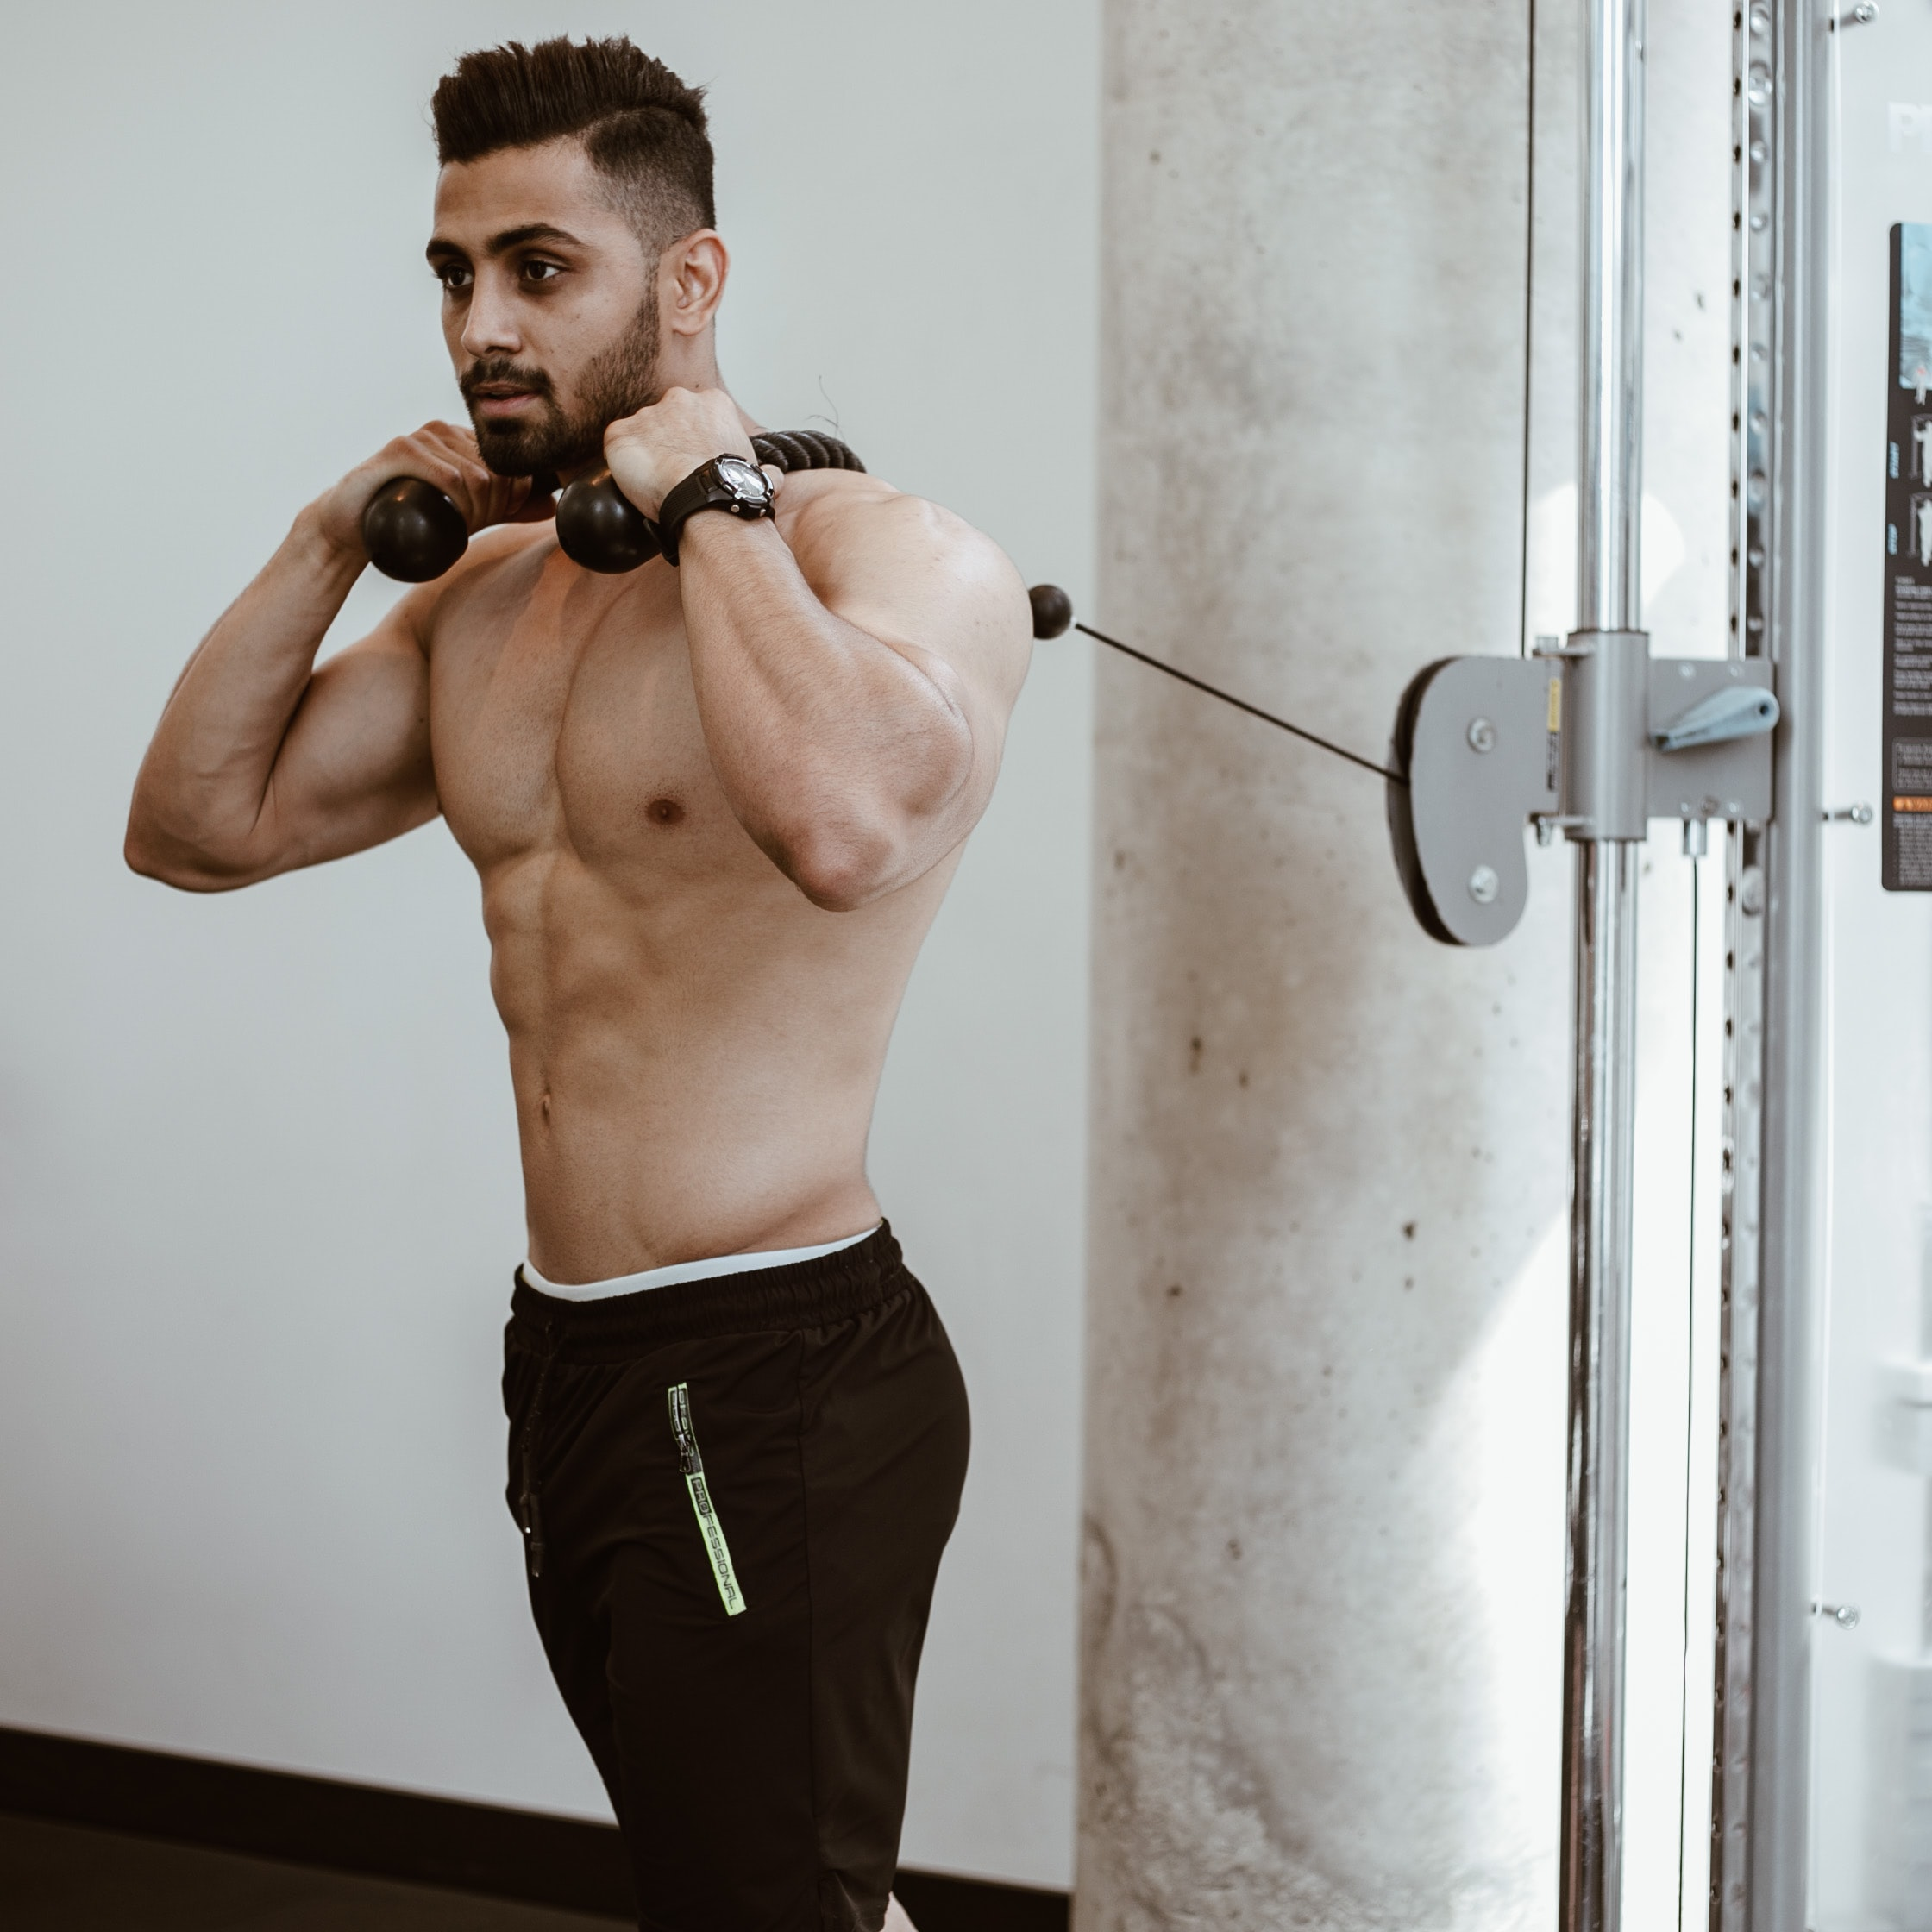 man wearing brown pants doing exercise